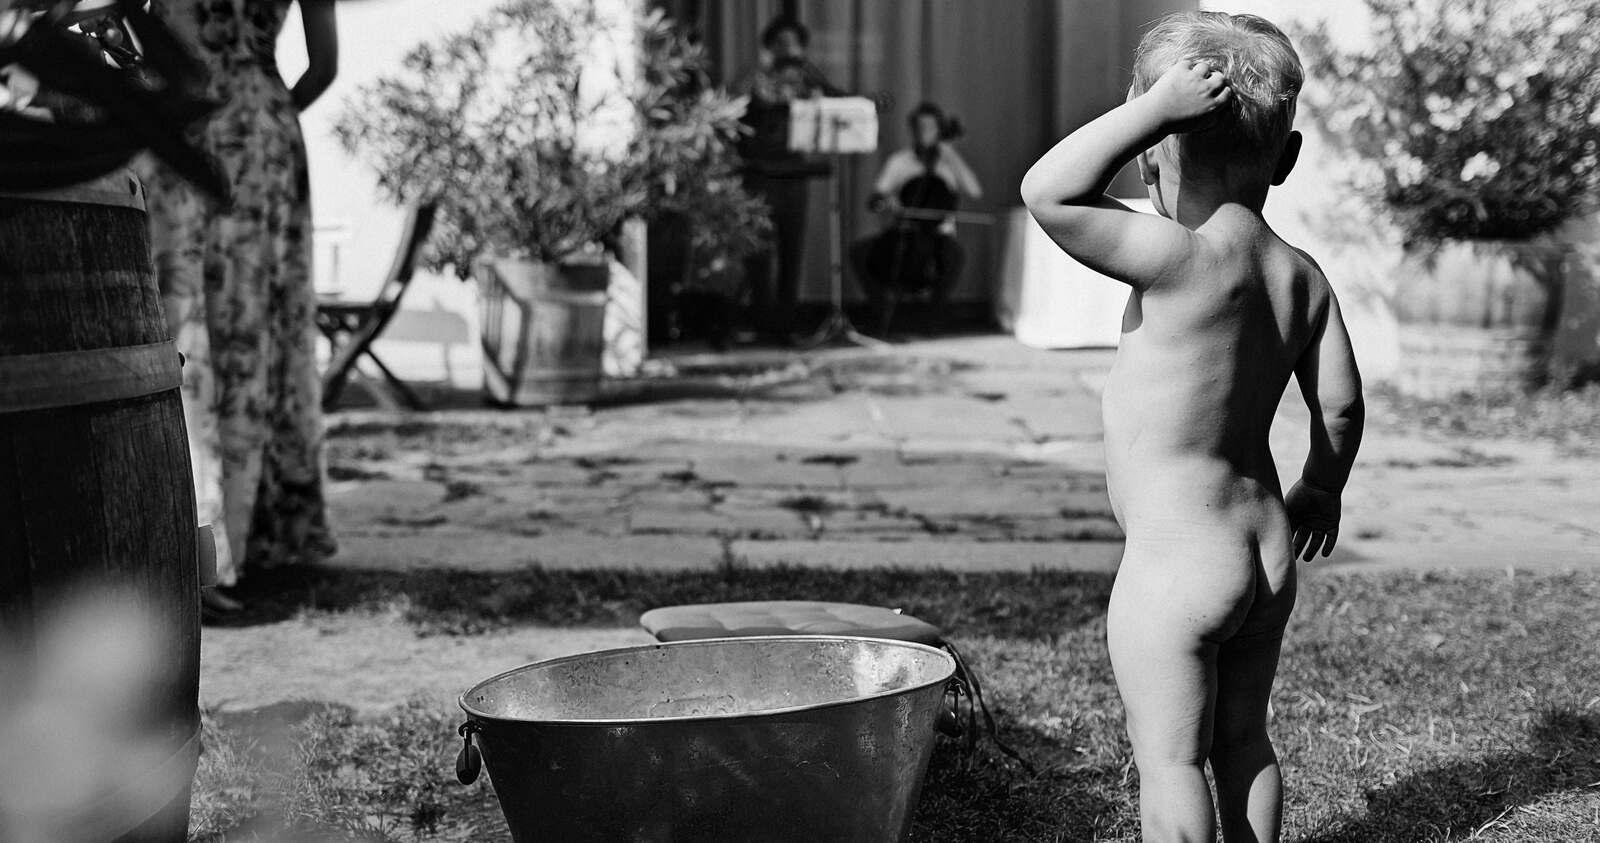 Ein nackiger Junge steht an einer Badewanne und kratzt sich am Kopf